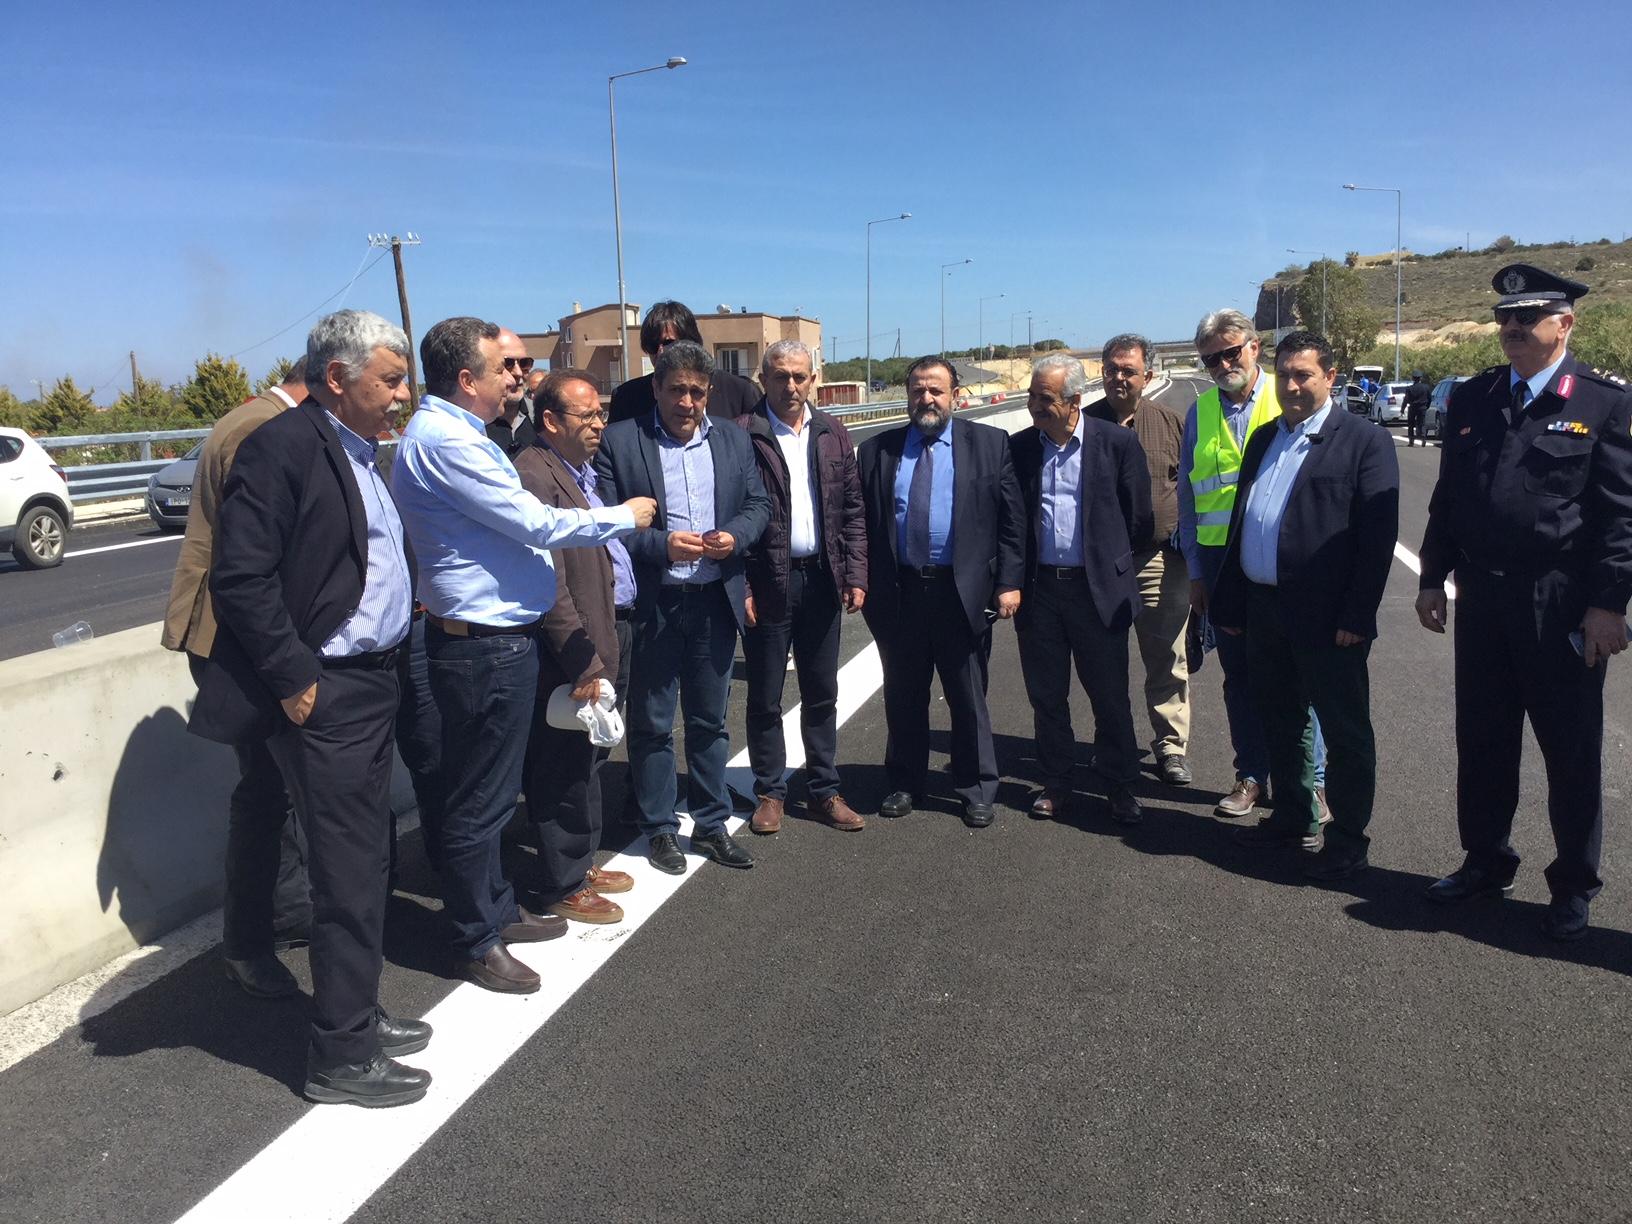 ΒΟΑΚ ΓΟΥΡΝΕΣ ΧΕΡΣΟΝΗΣΟΣ:Στόχος όλων ένας σύγχρονος αυτοκινητόδρομος  από την Κίσαμο ως τη Σητεία